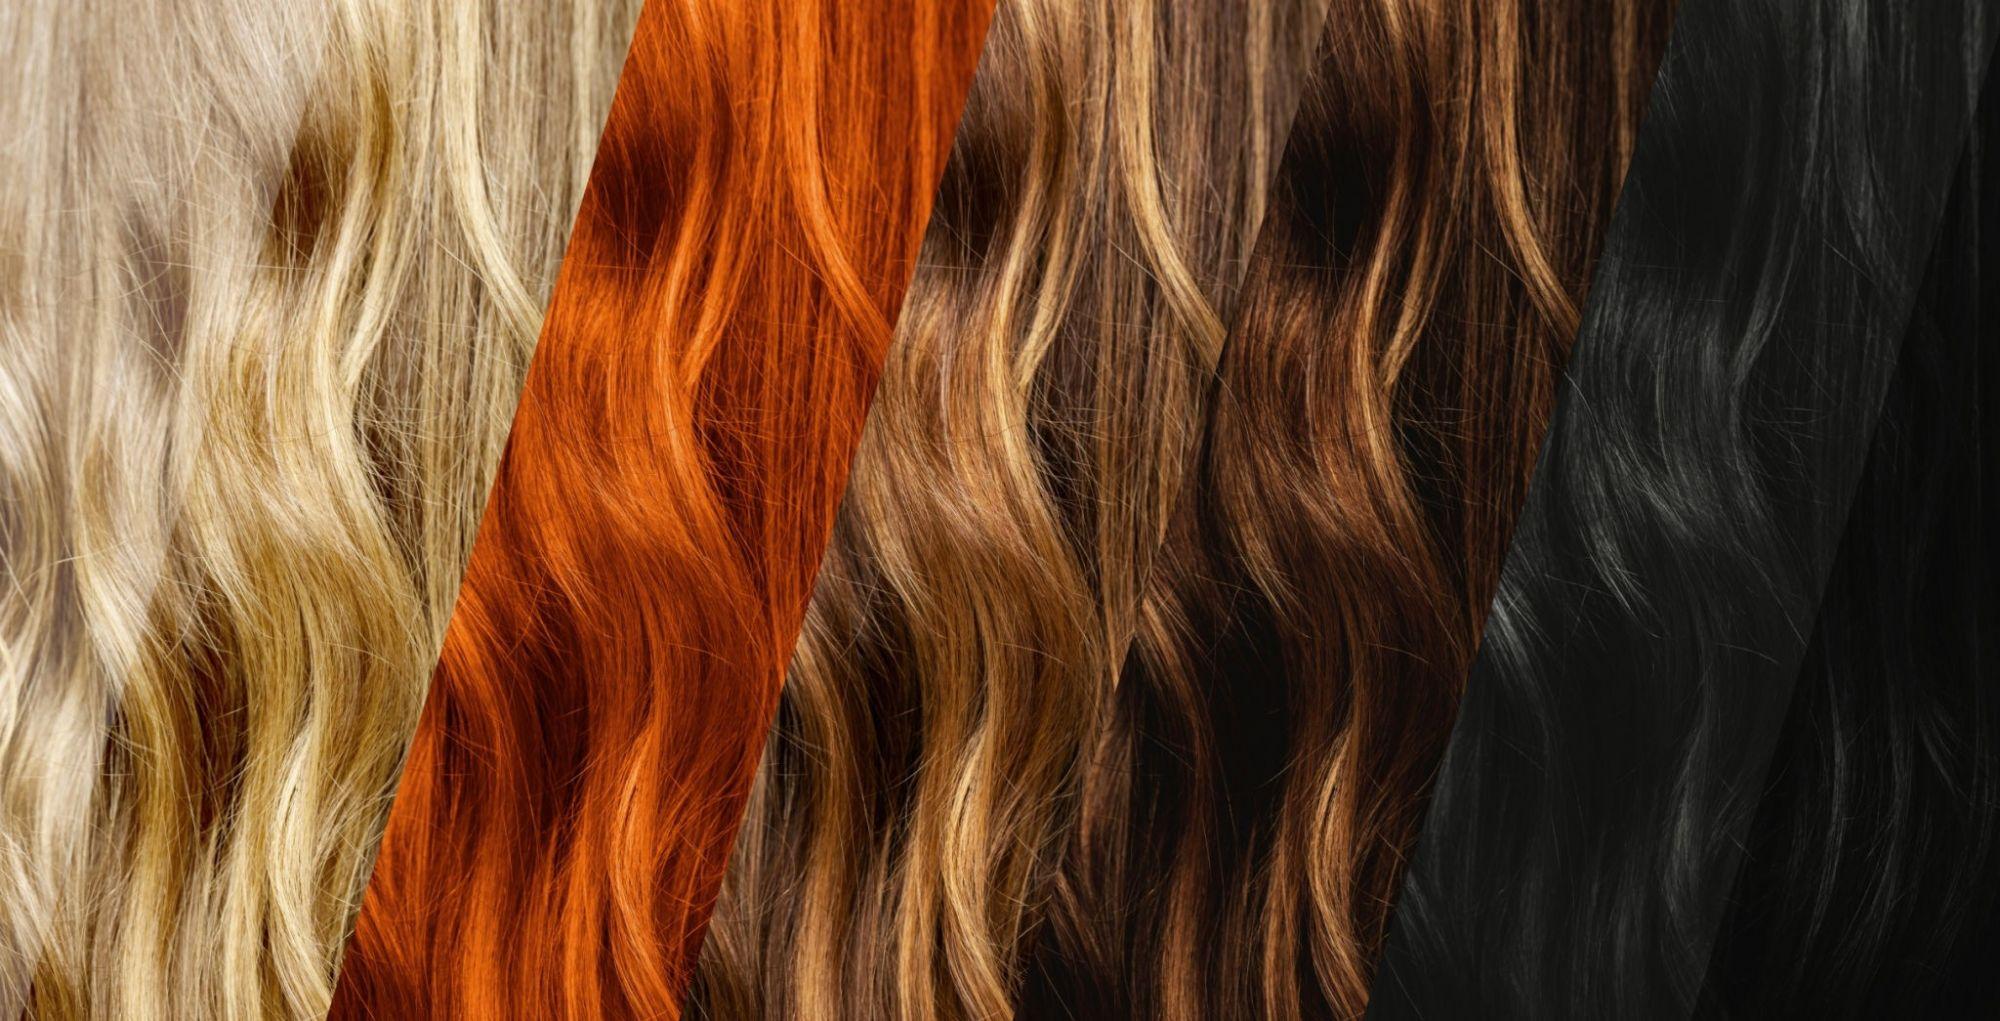 رنگساژ کردن مو چیست و چگونه انجام میشود؟